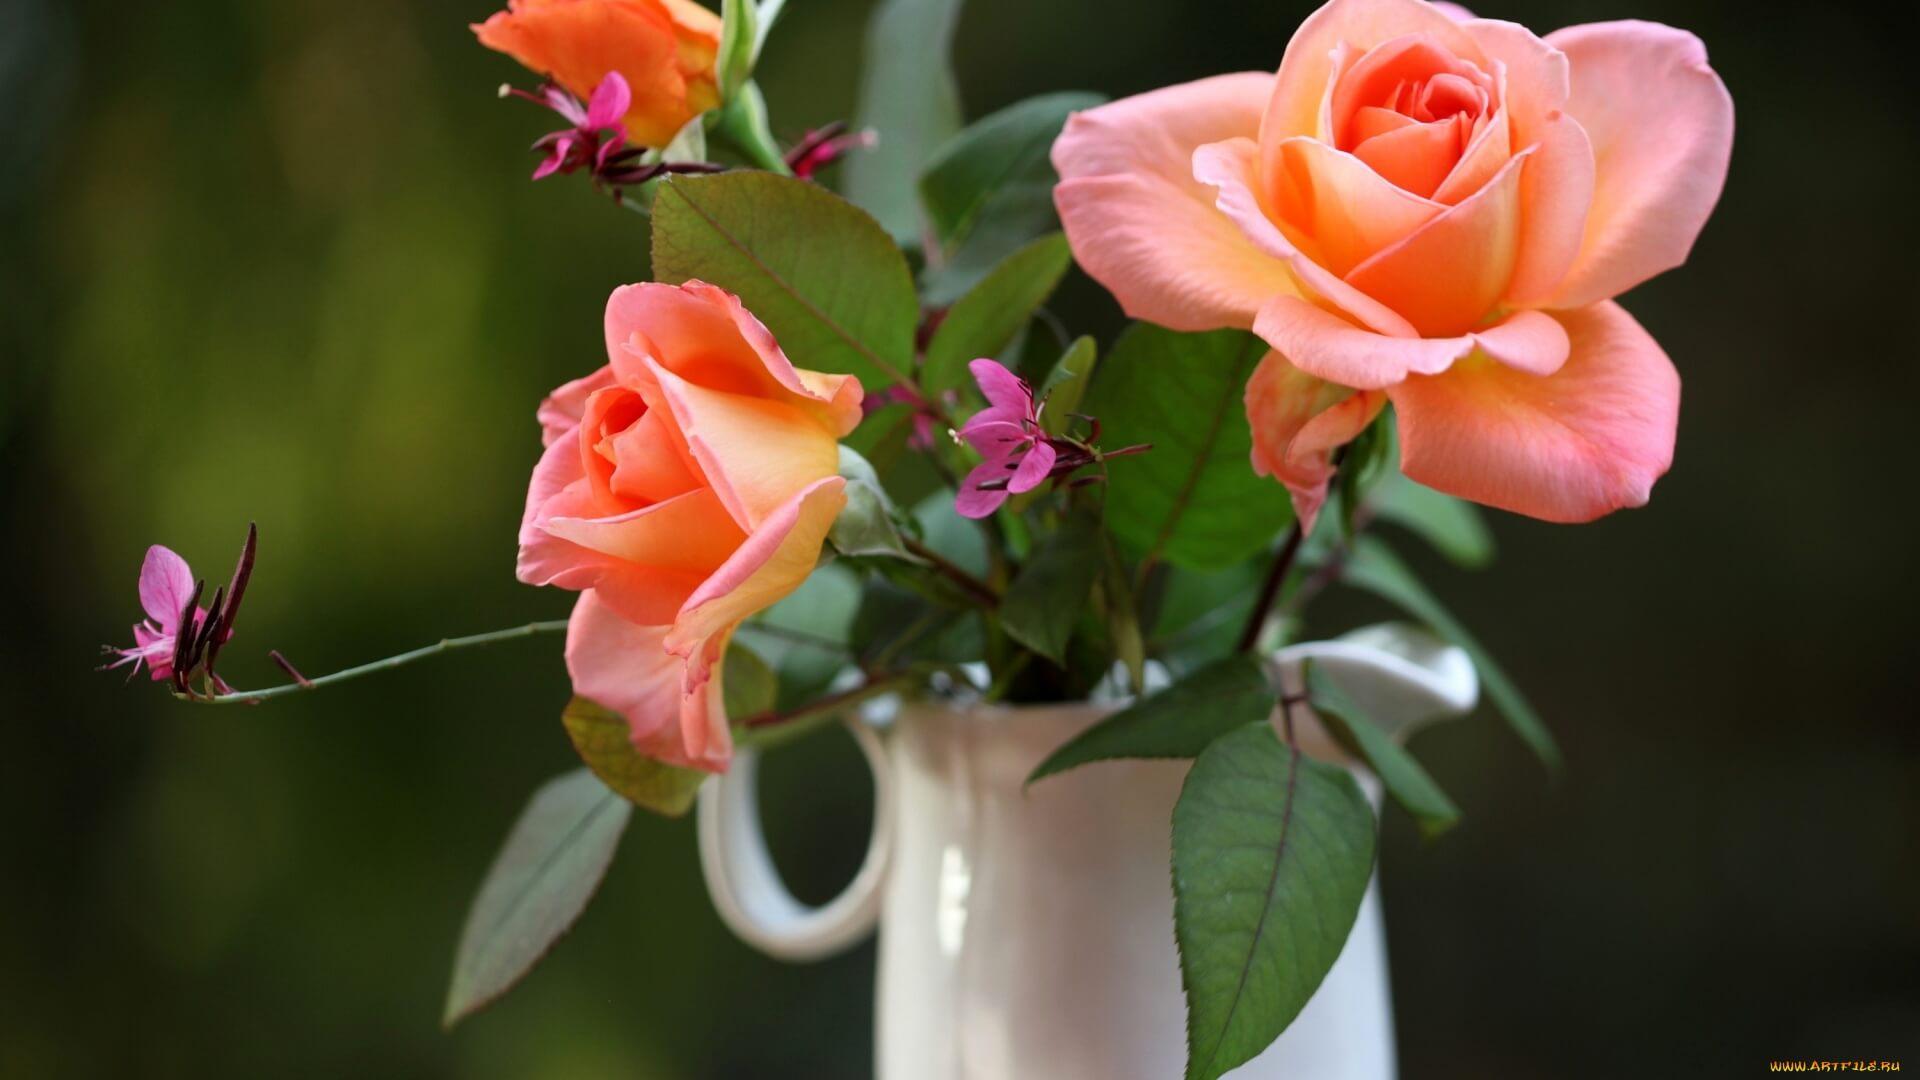 Удивительные картинки с розами, интересная сборка 27 фото 15